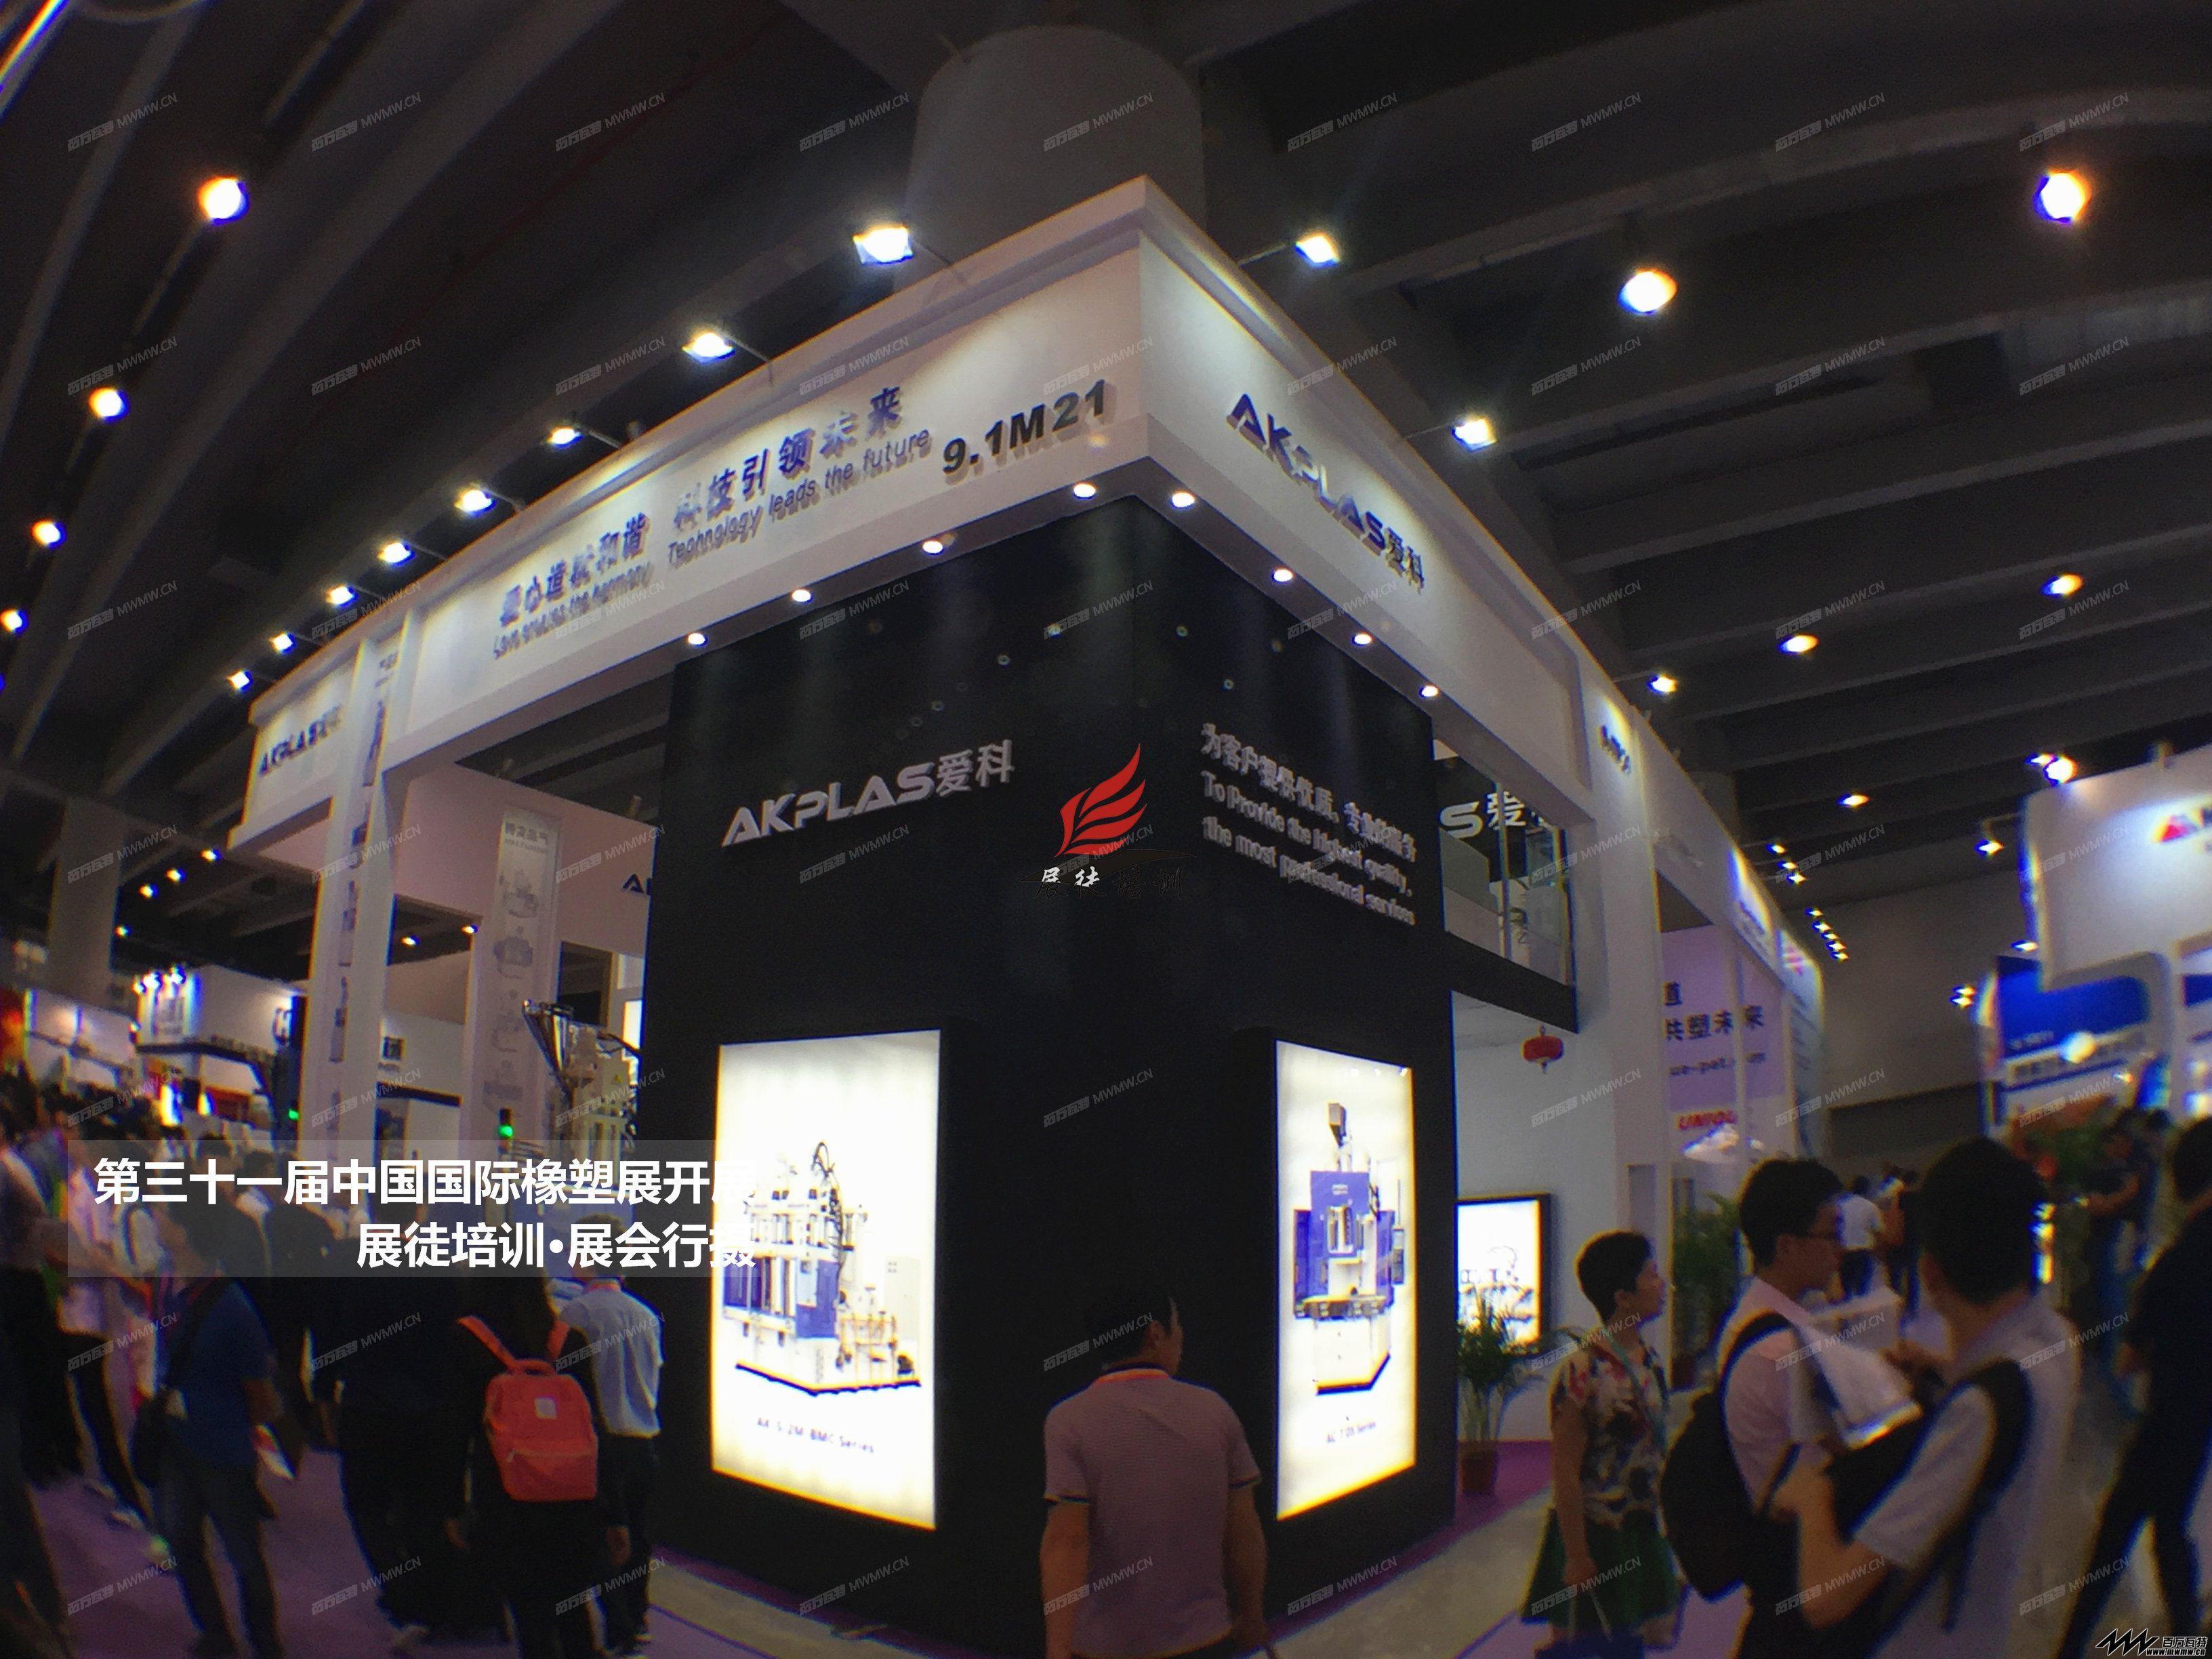 2017第三十一届中国国际橡塑展·展徒培训·展会行摄 (31) - 副本.JPG